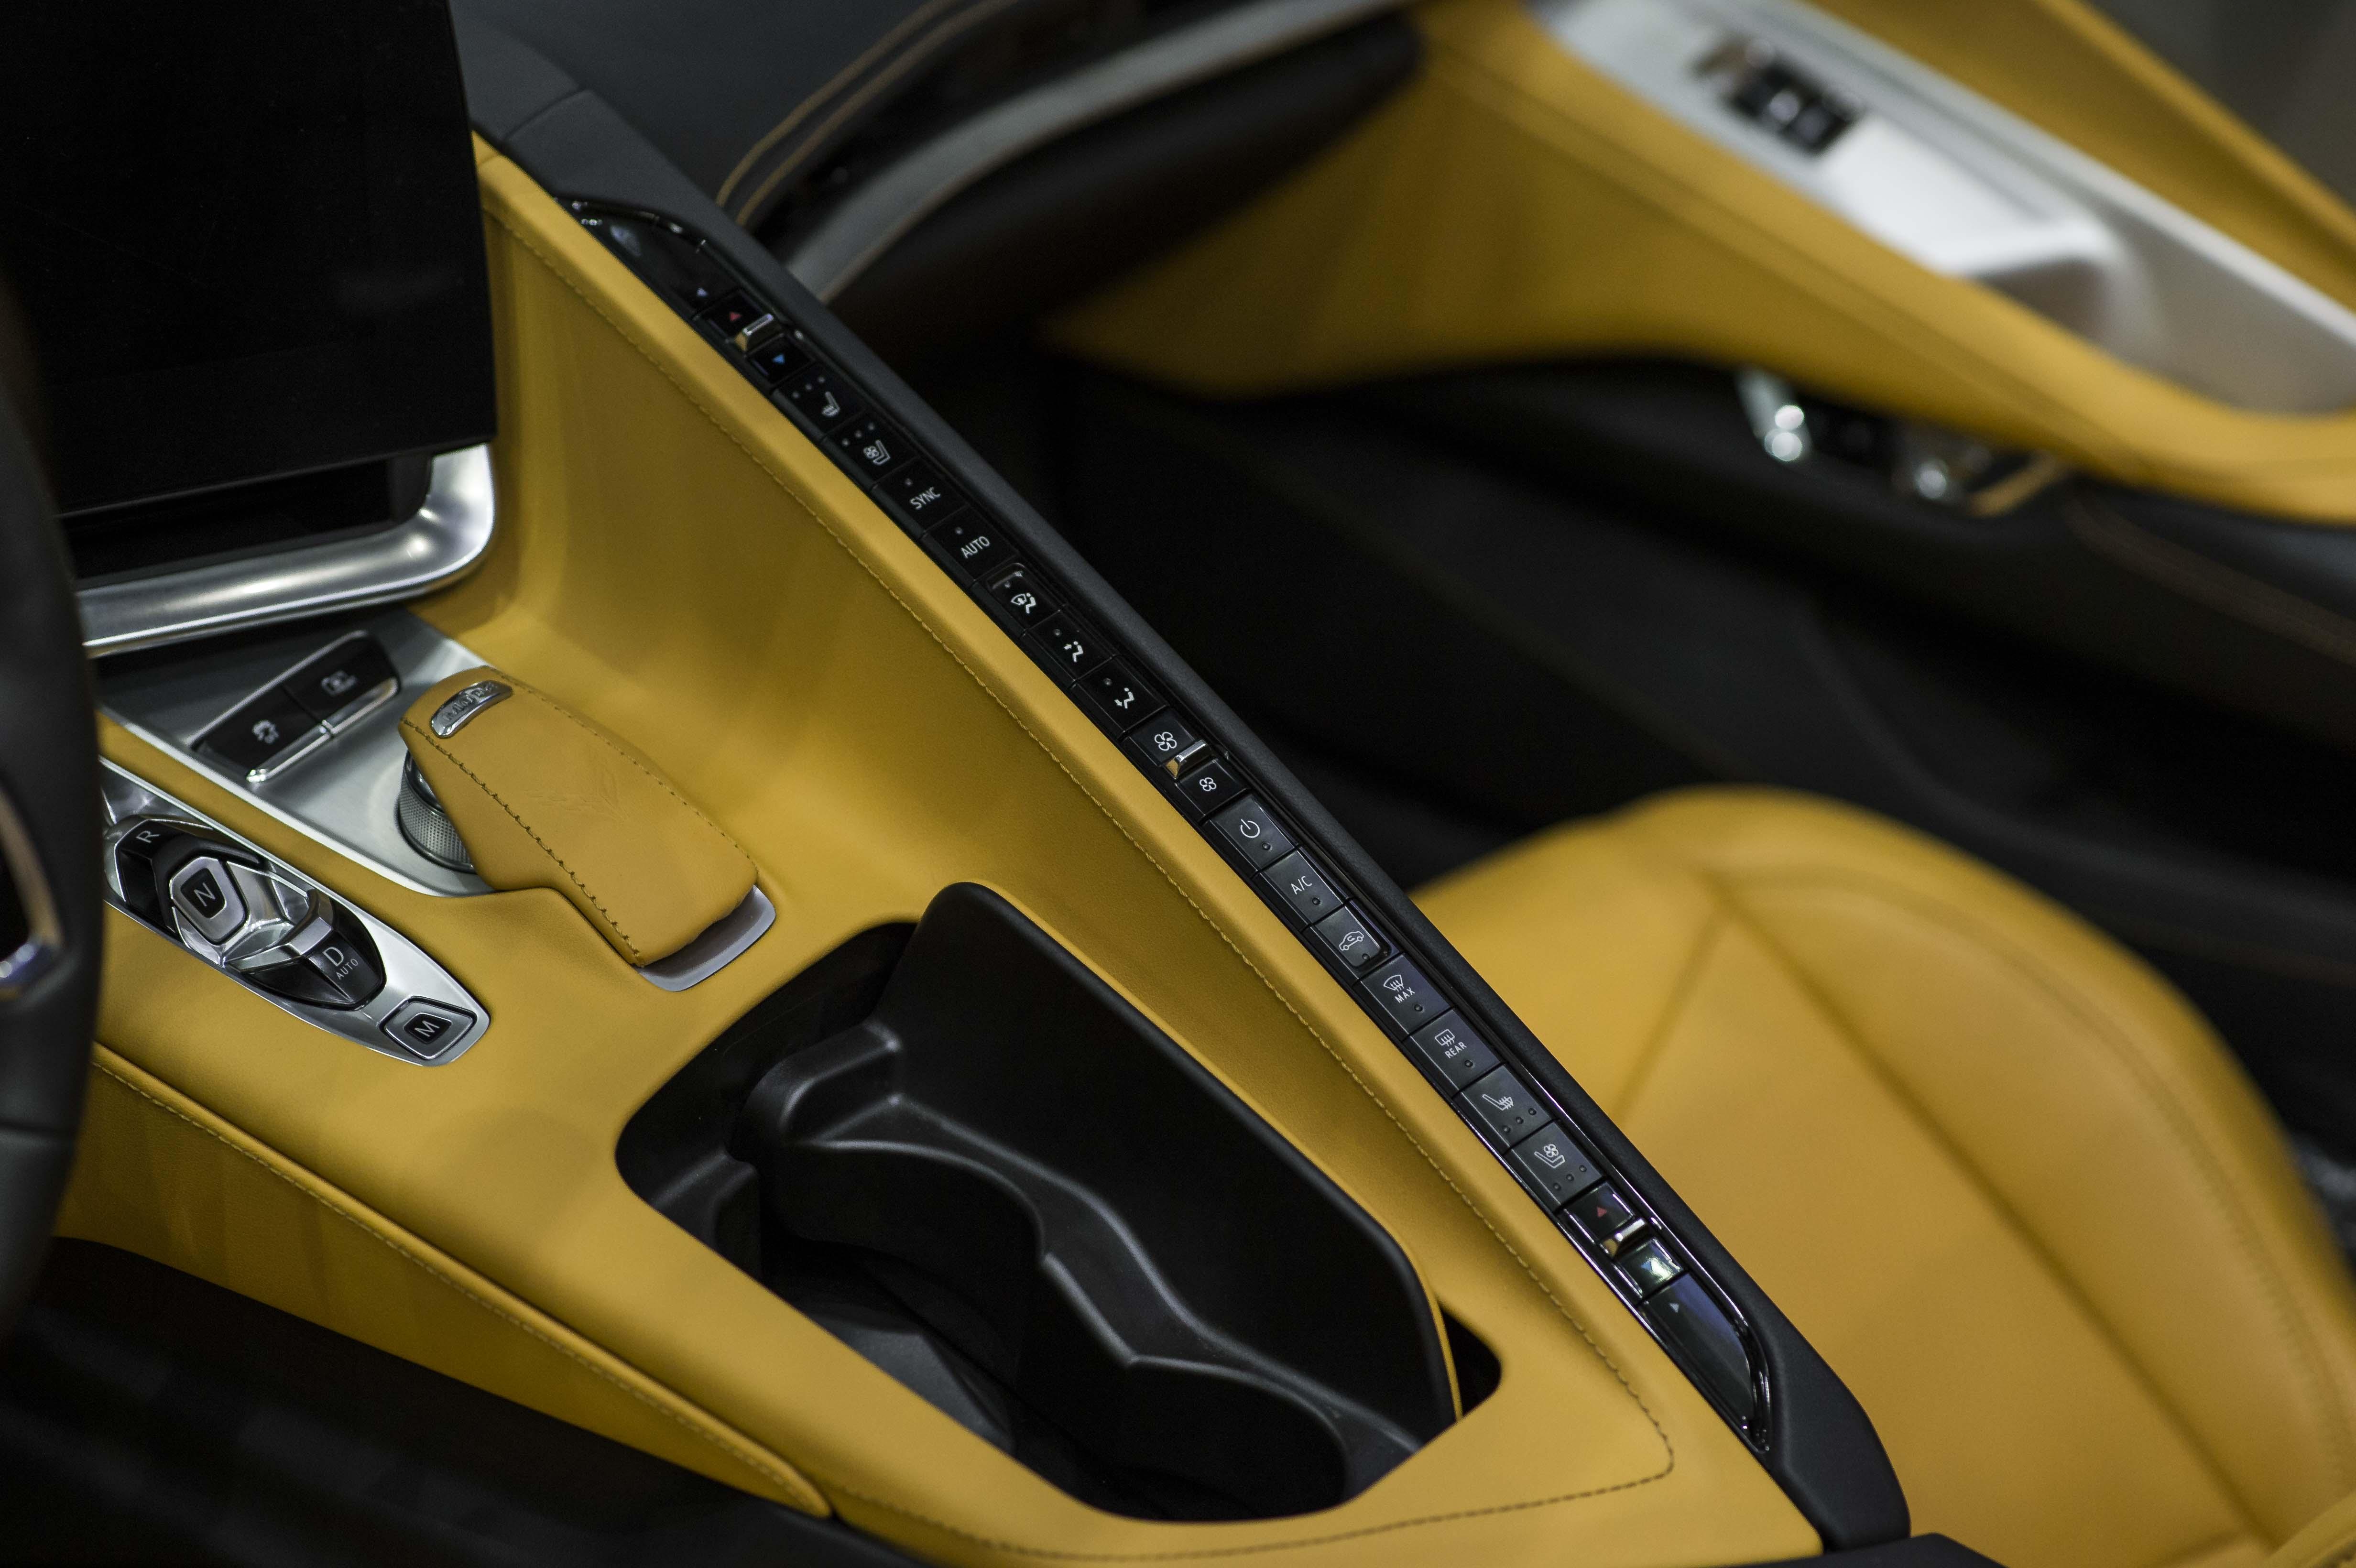 Chi tiet Chevrolet Corvette C8 dau tien tai Viet Nam anh 15